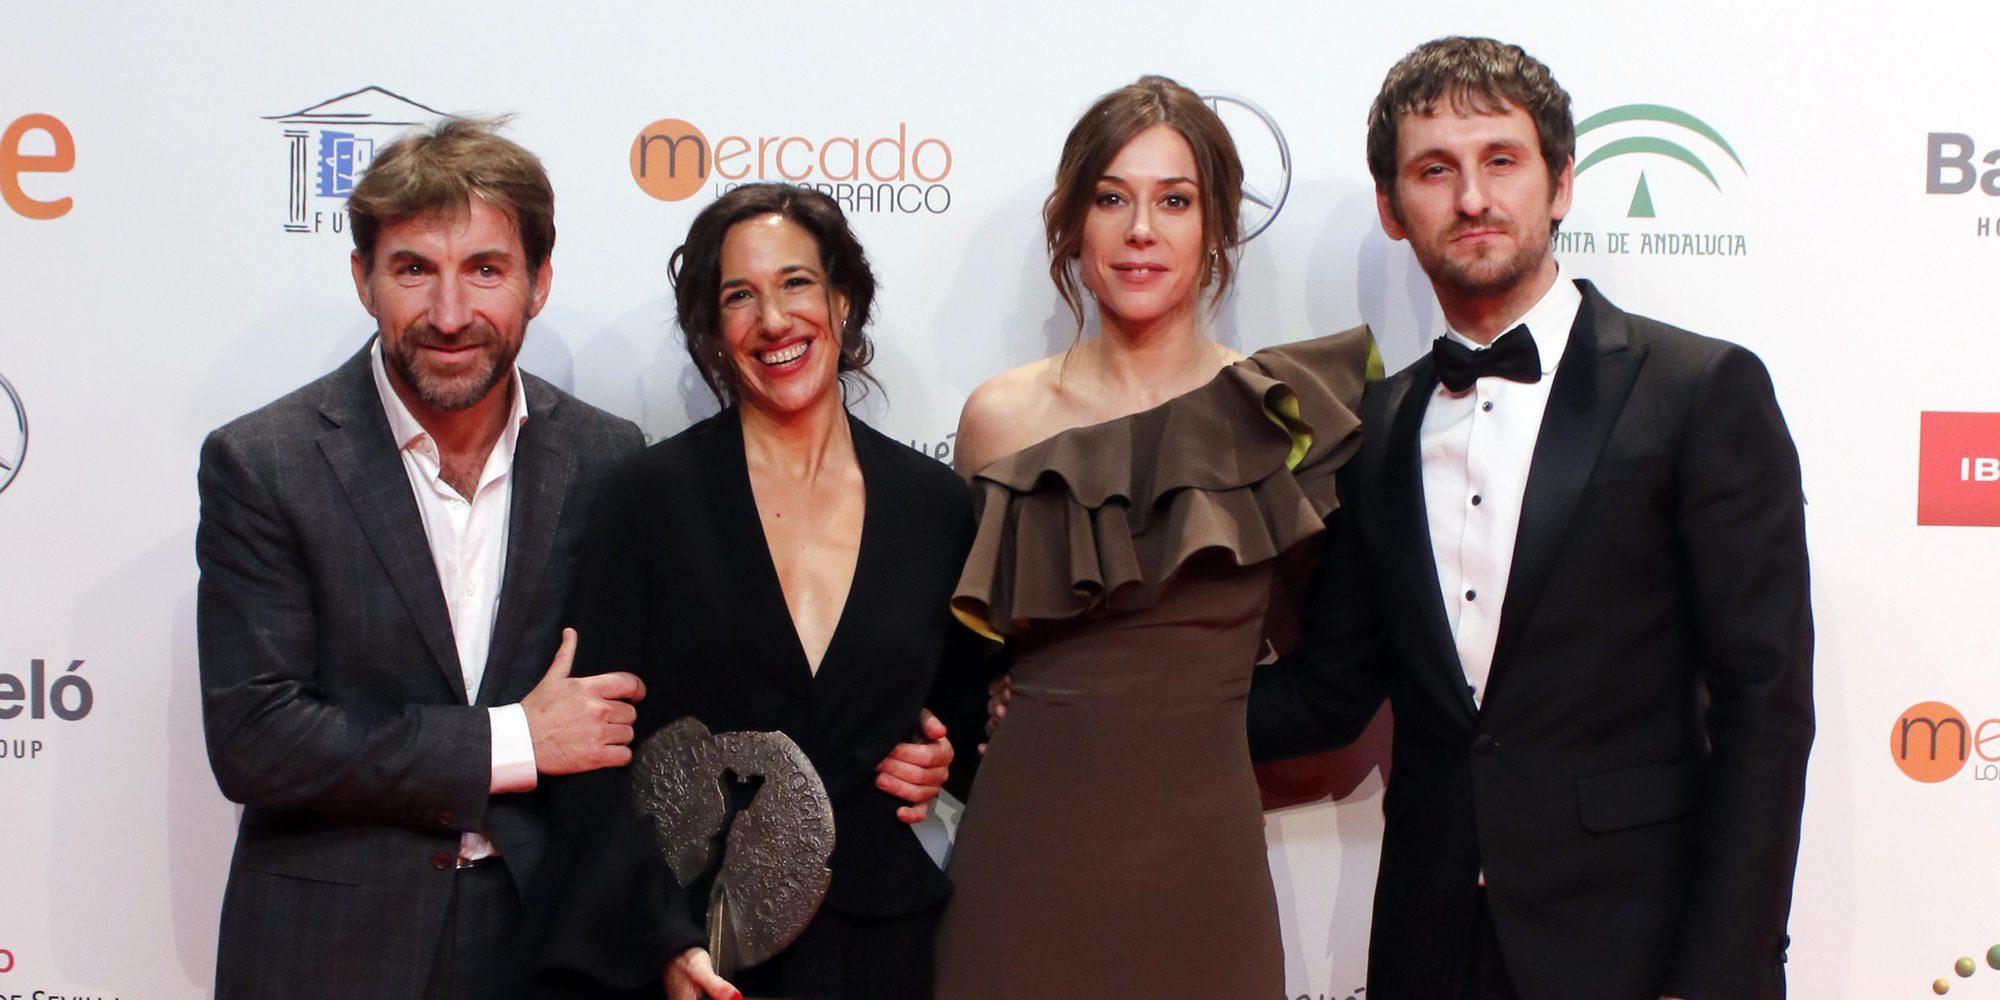 Lista de ganadores de los Premios Forqué 2017: Raúl Arévalo triunfa en su debut como director